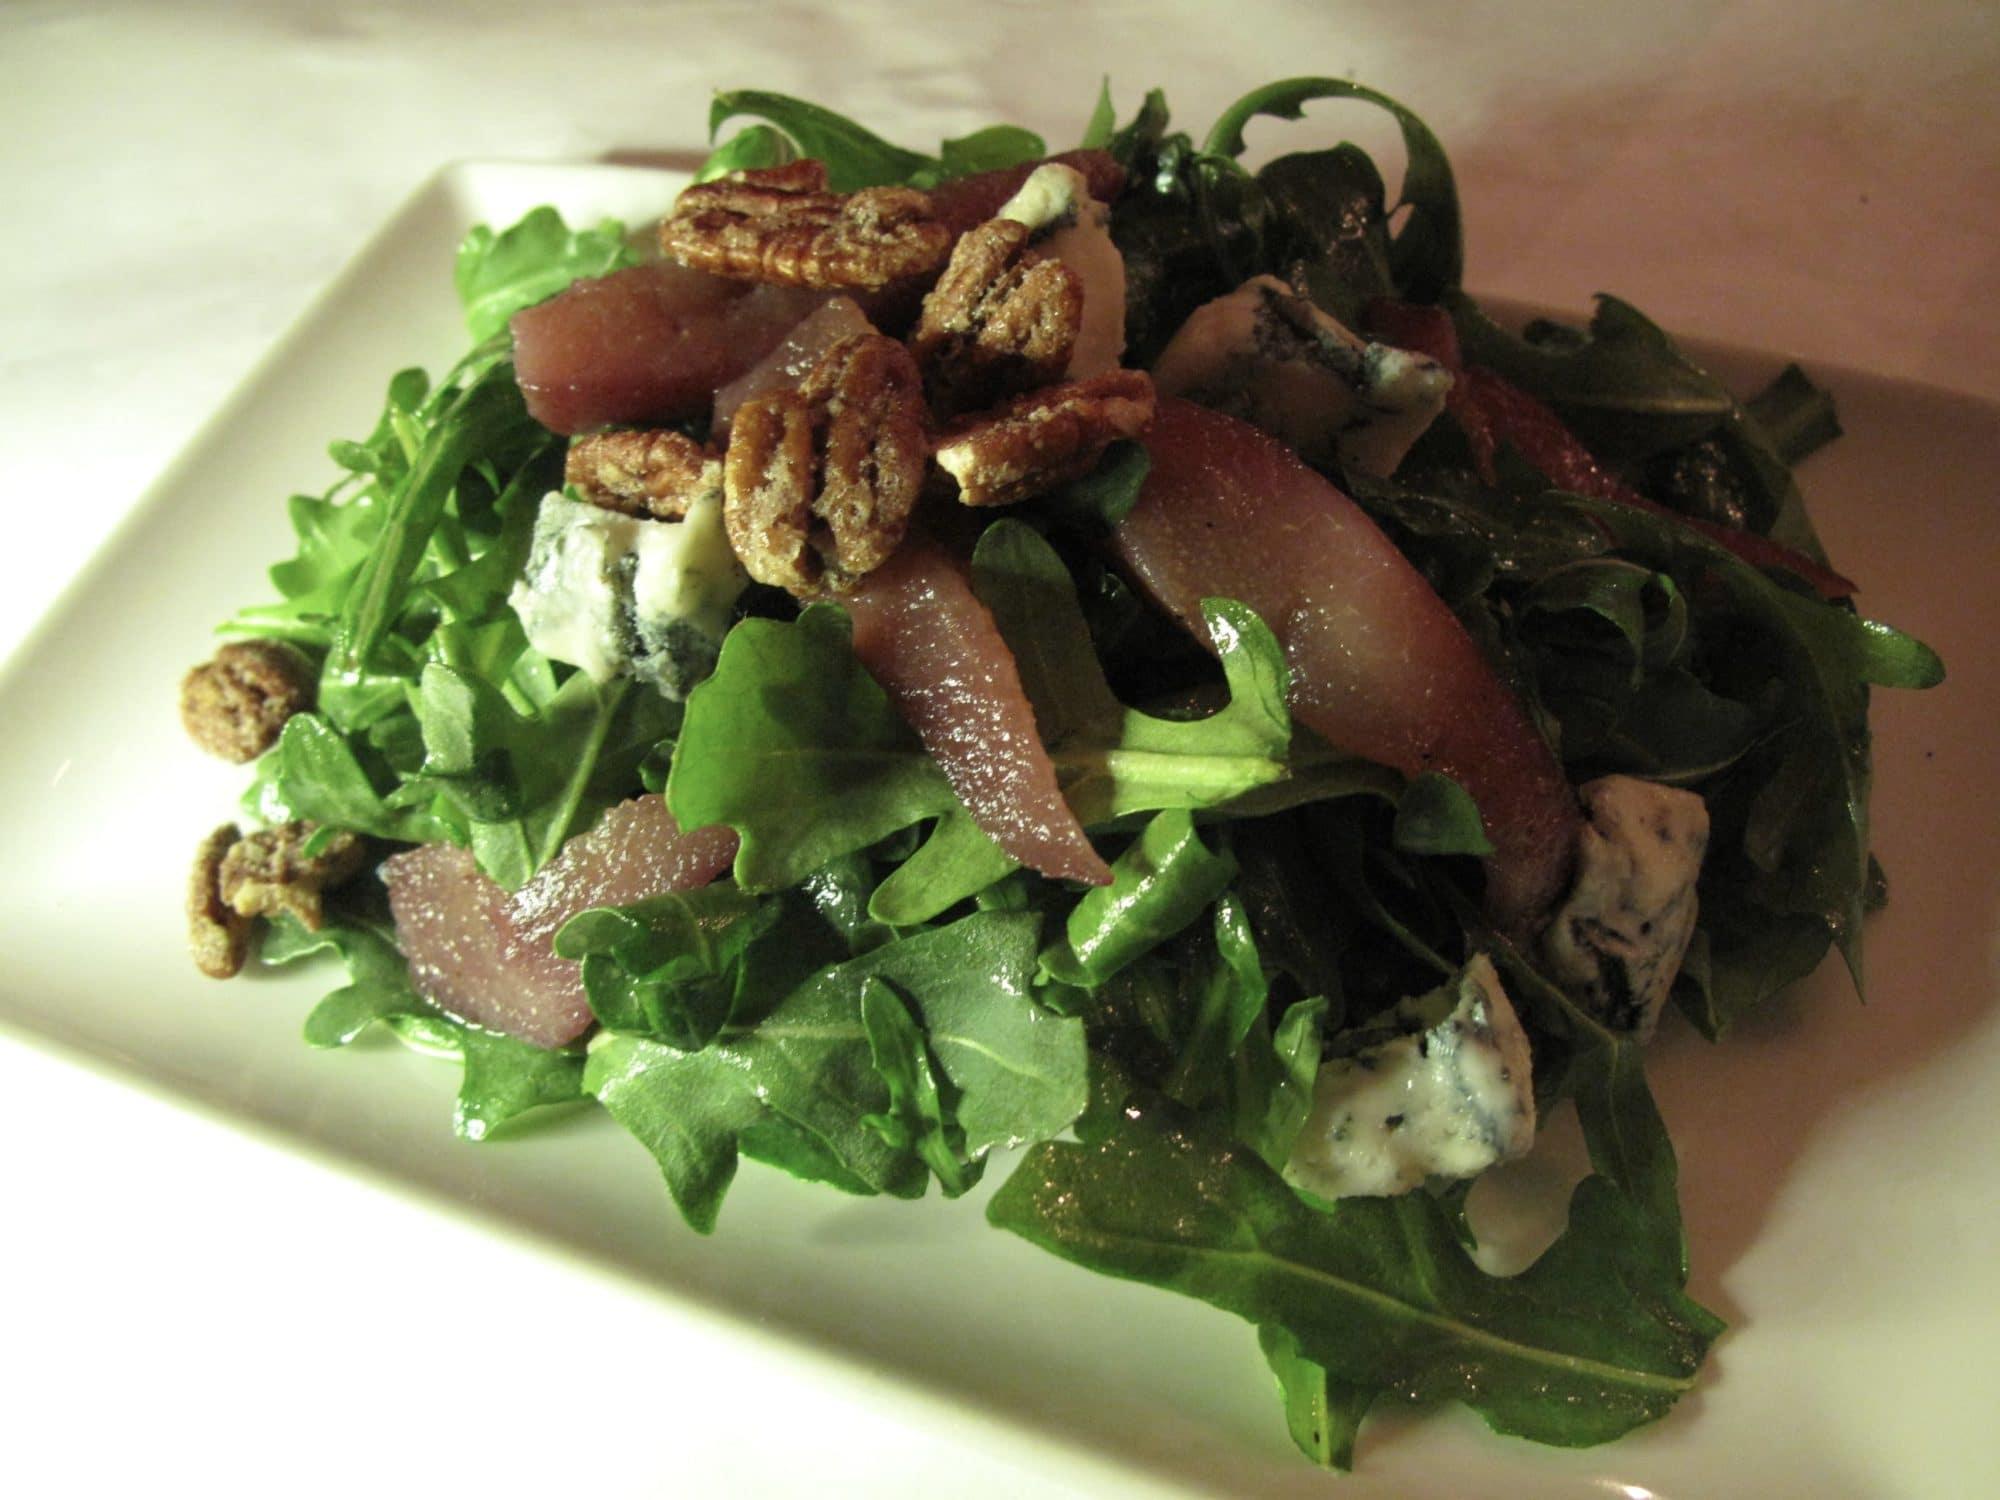 Italian-inspired salad at Il Fornello Danforth.